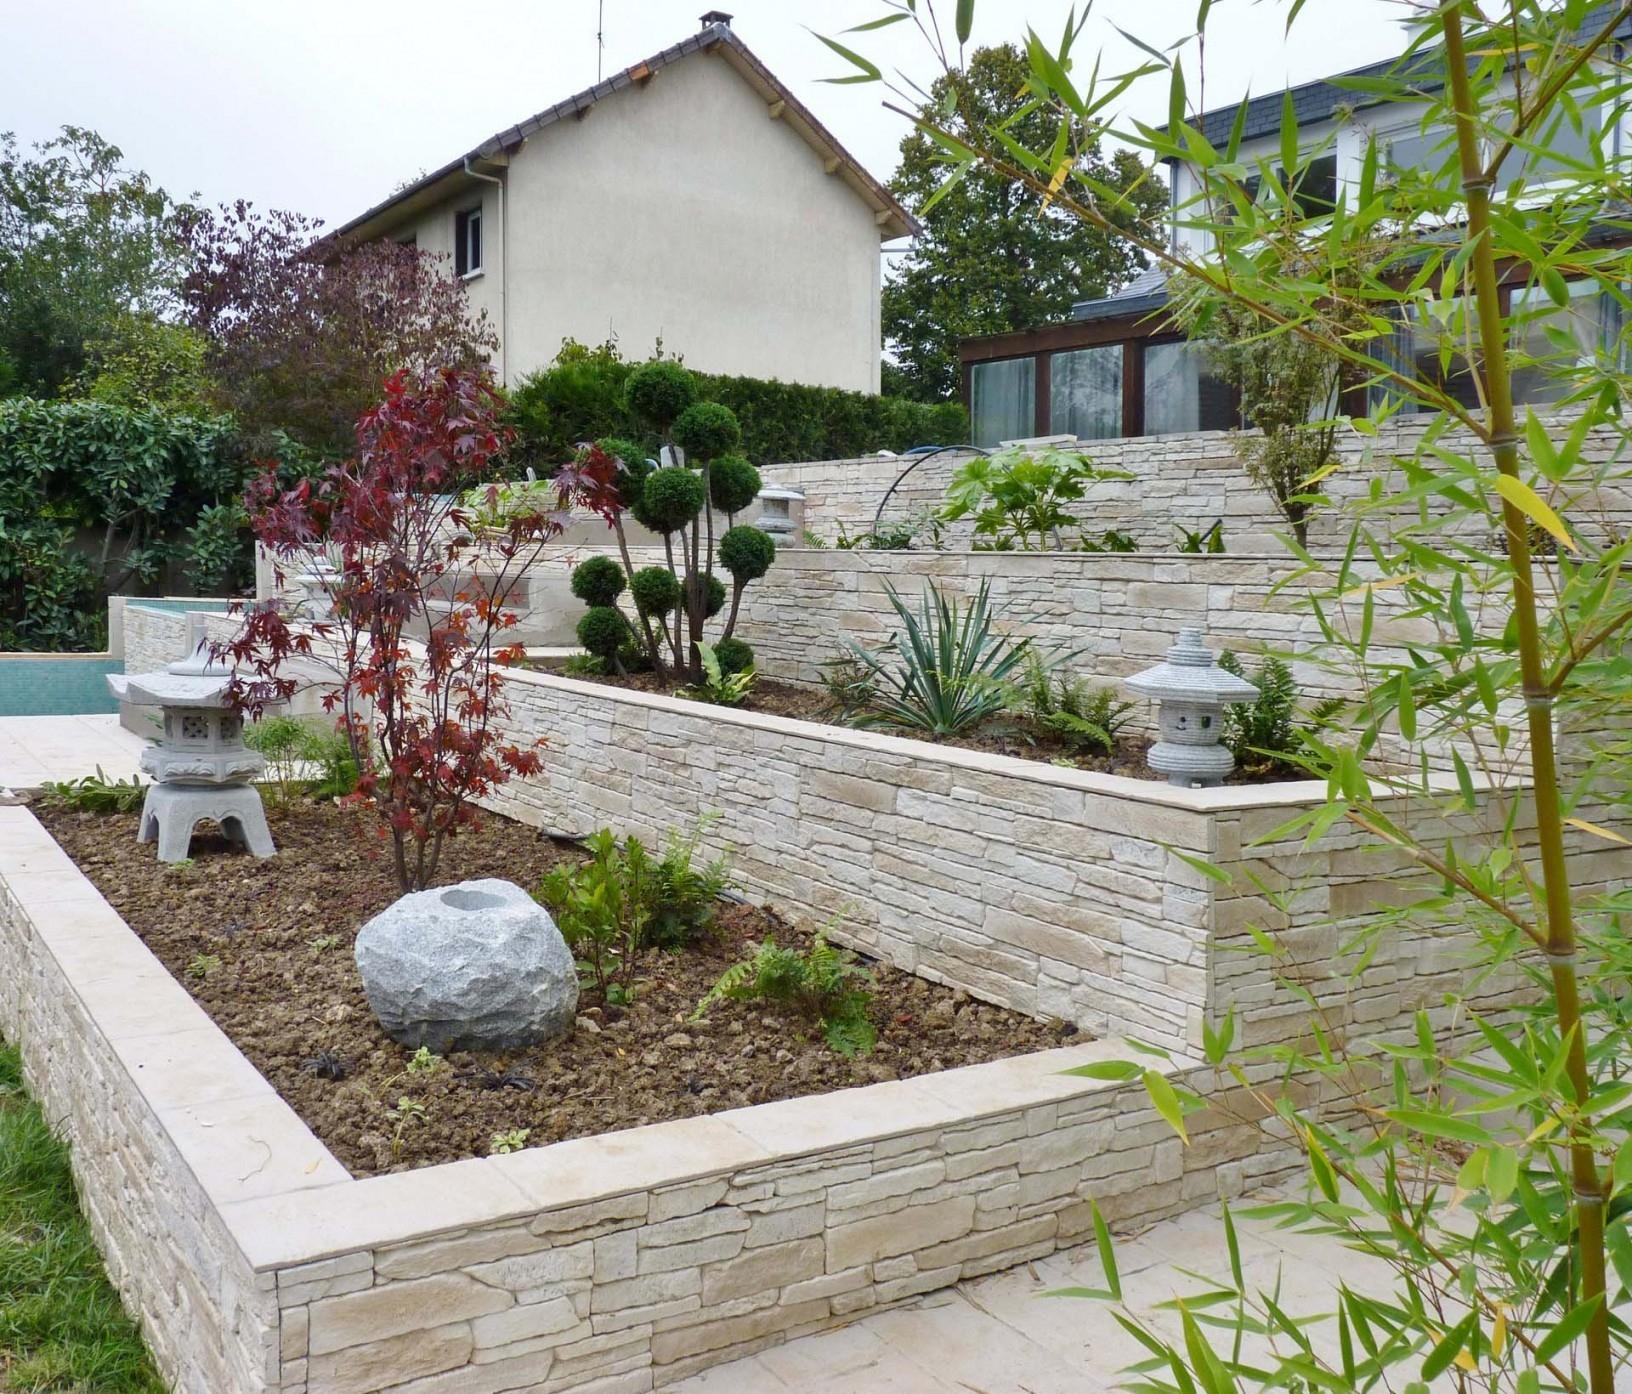 Cuisine: Grosse Pierre Decoration Jardin Decoration Jardin ... encequiconcerne Grosse Pierre Decoration Jardin